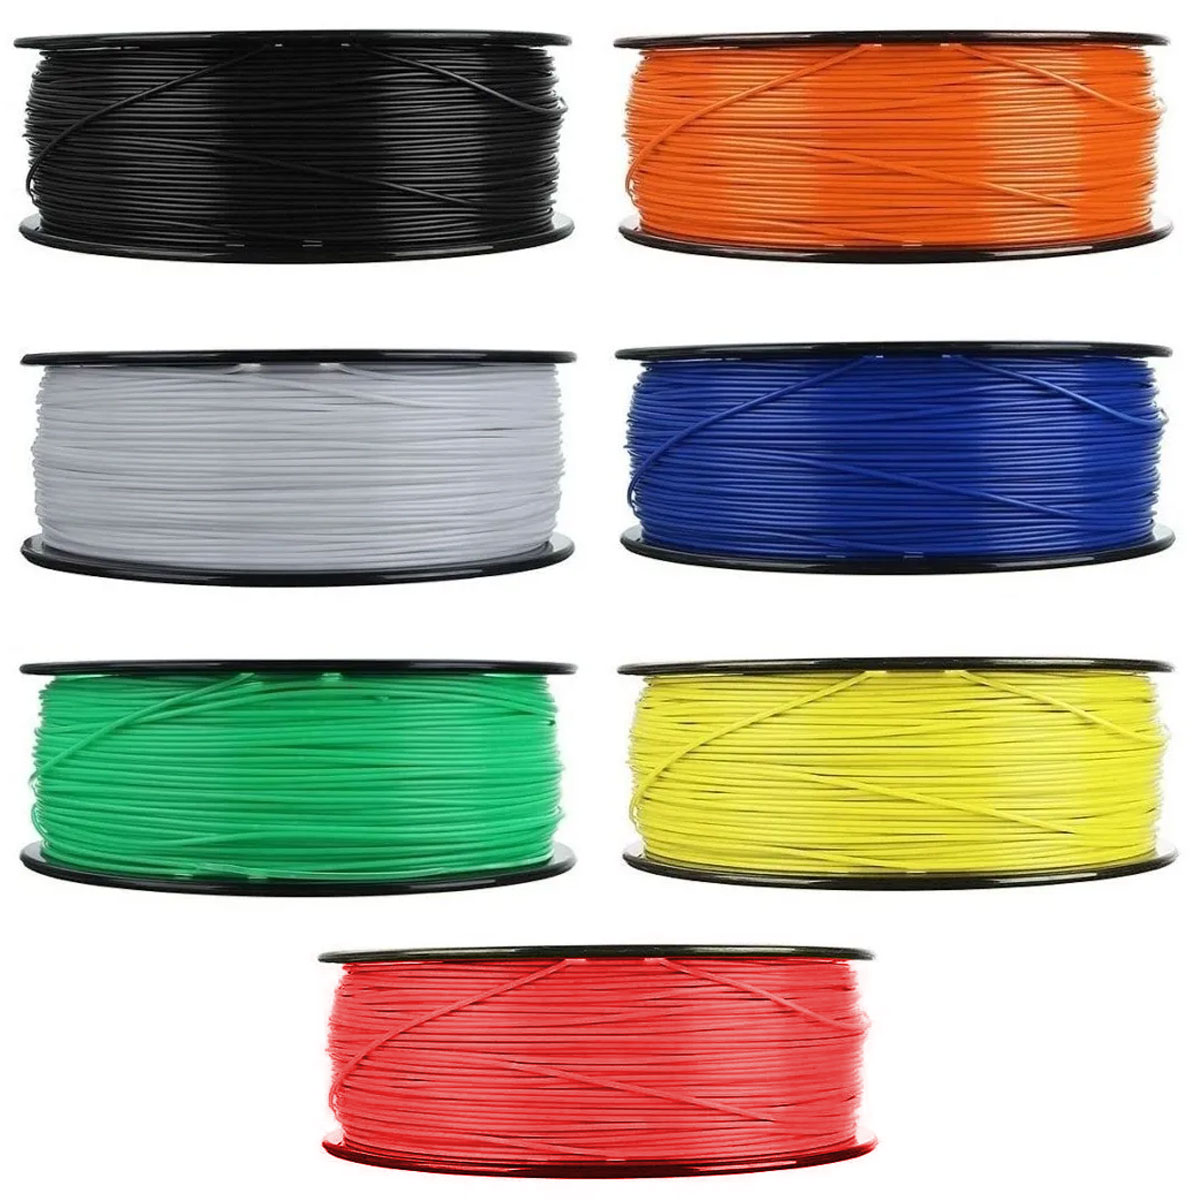 Filamento PLA 3DFILA para Impressão 3D | 1,75mm | 1kg | Impressora 3D